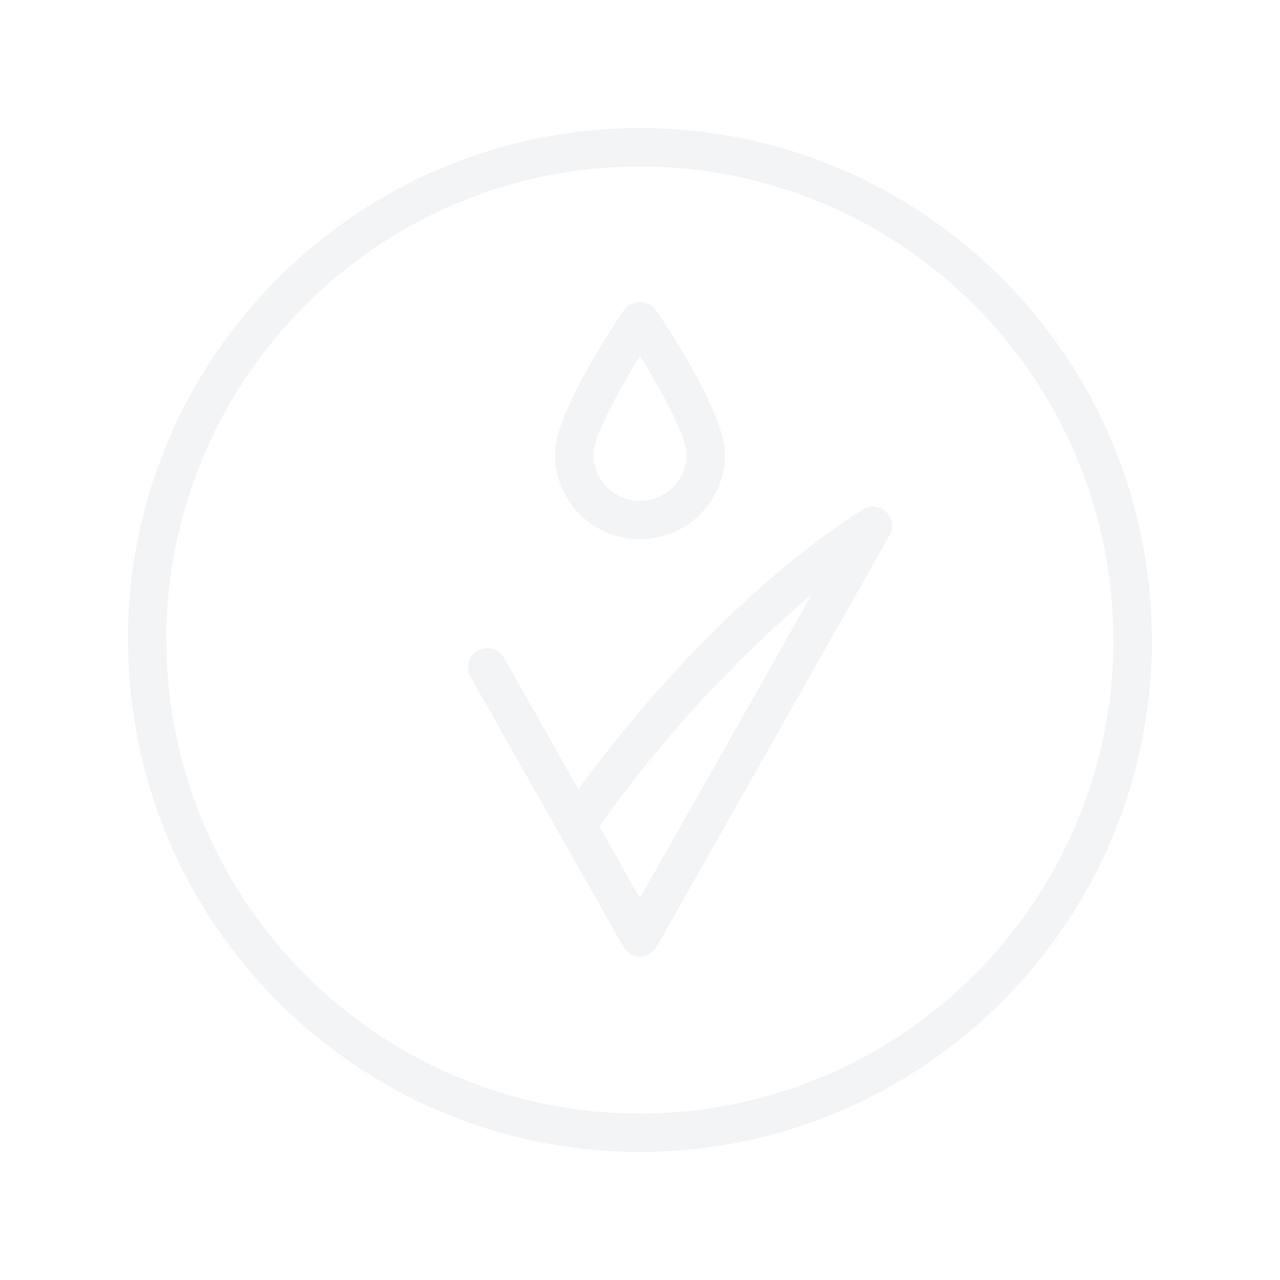 MISSHA Homemade Rice Modeling Mask 50ml